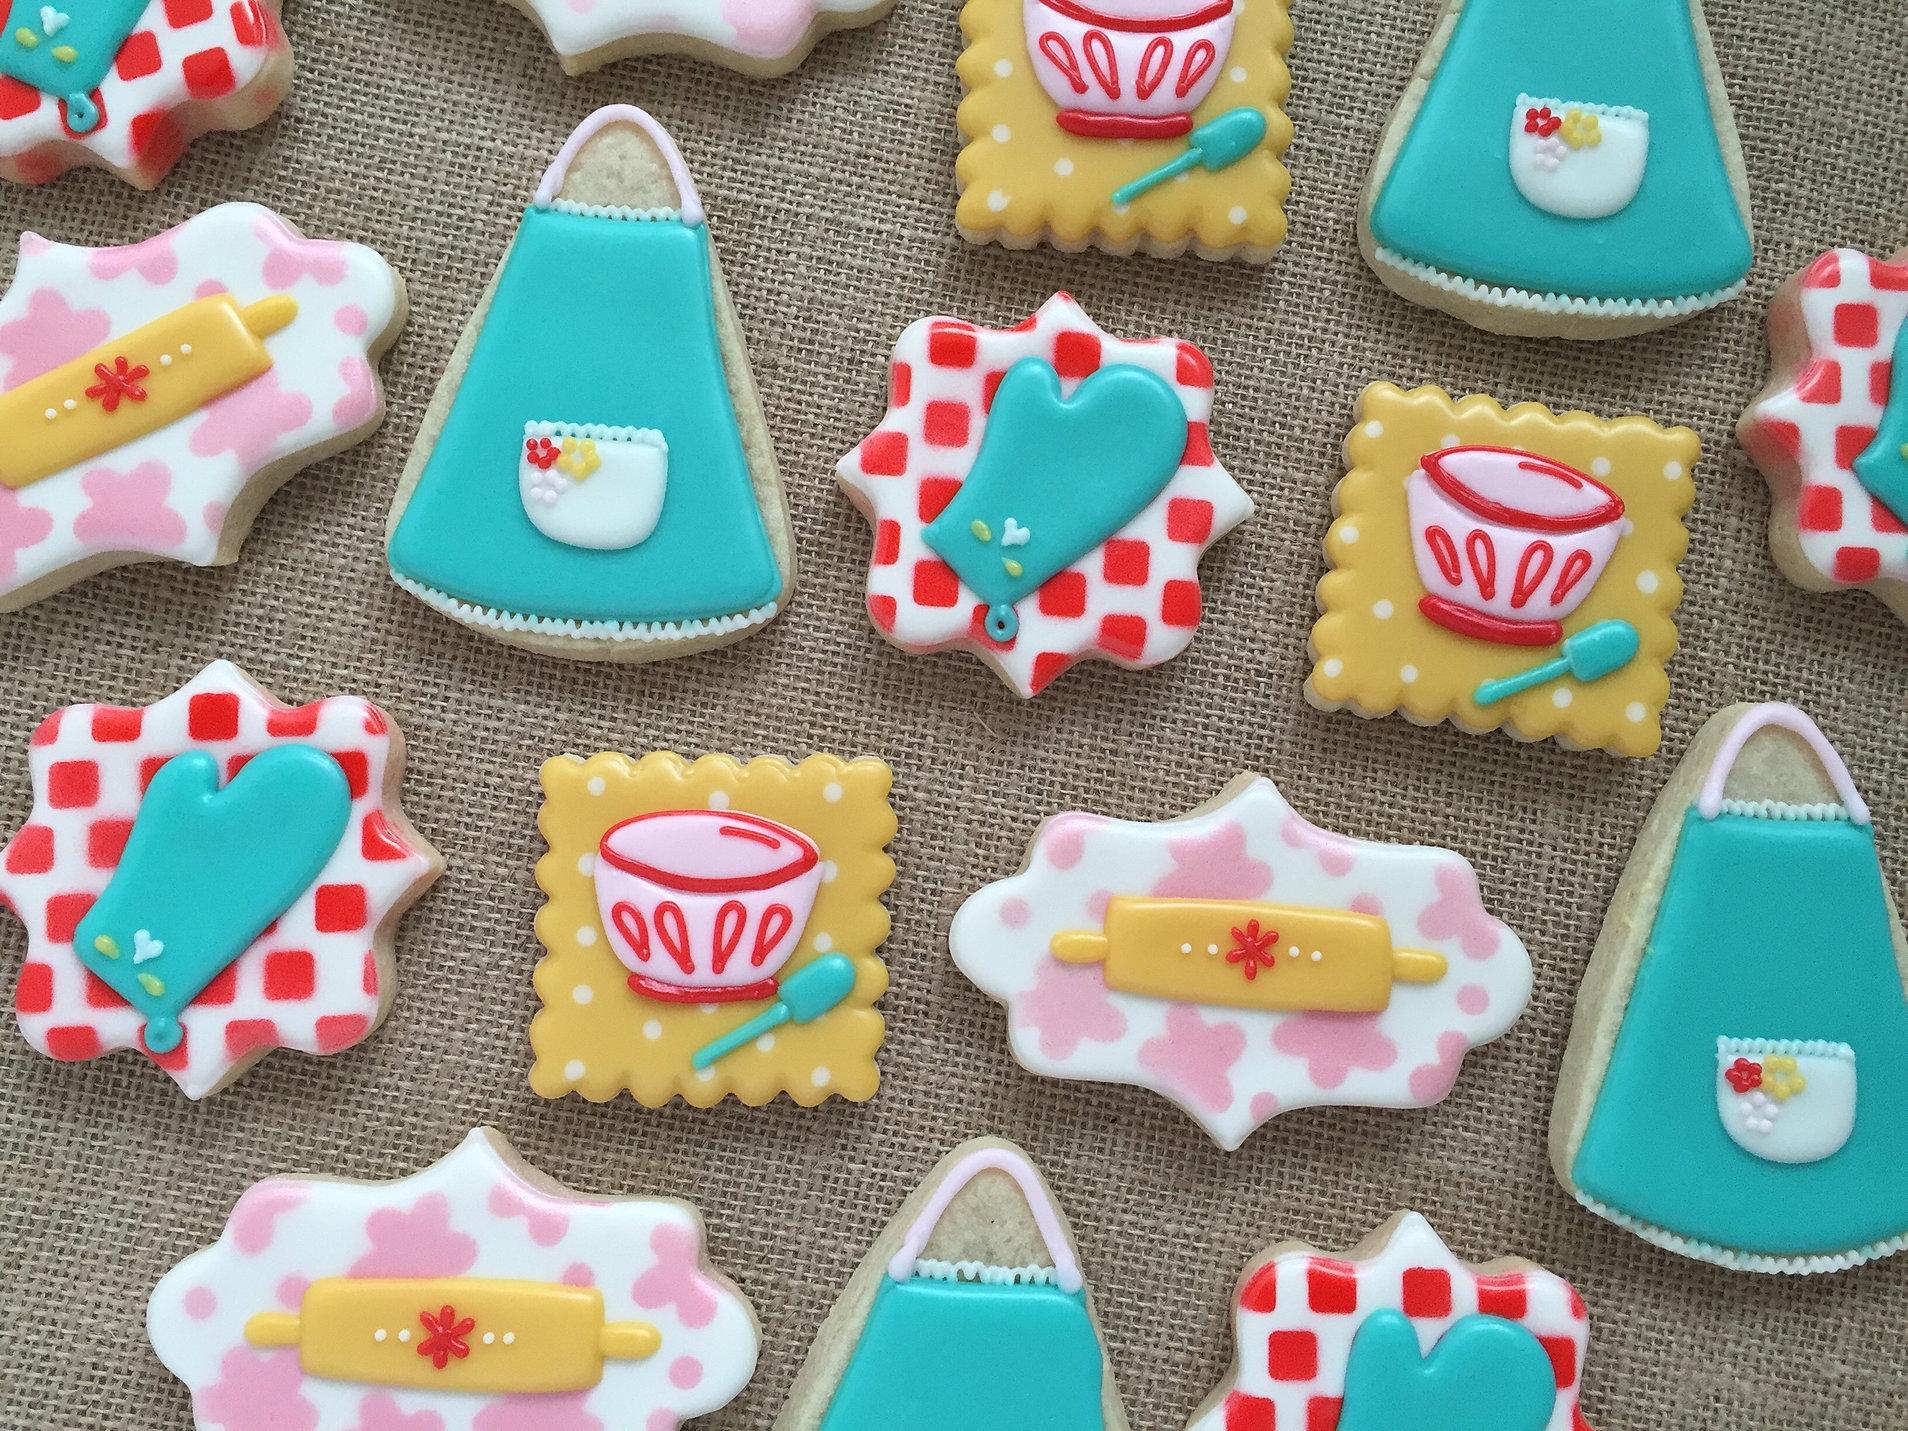 Baby Shower Cookies Bridal Shower Cookies